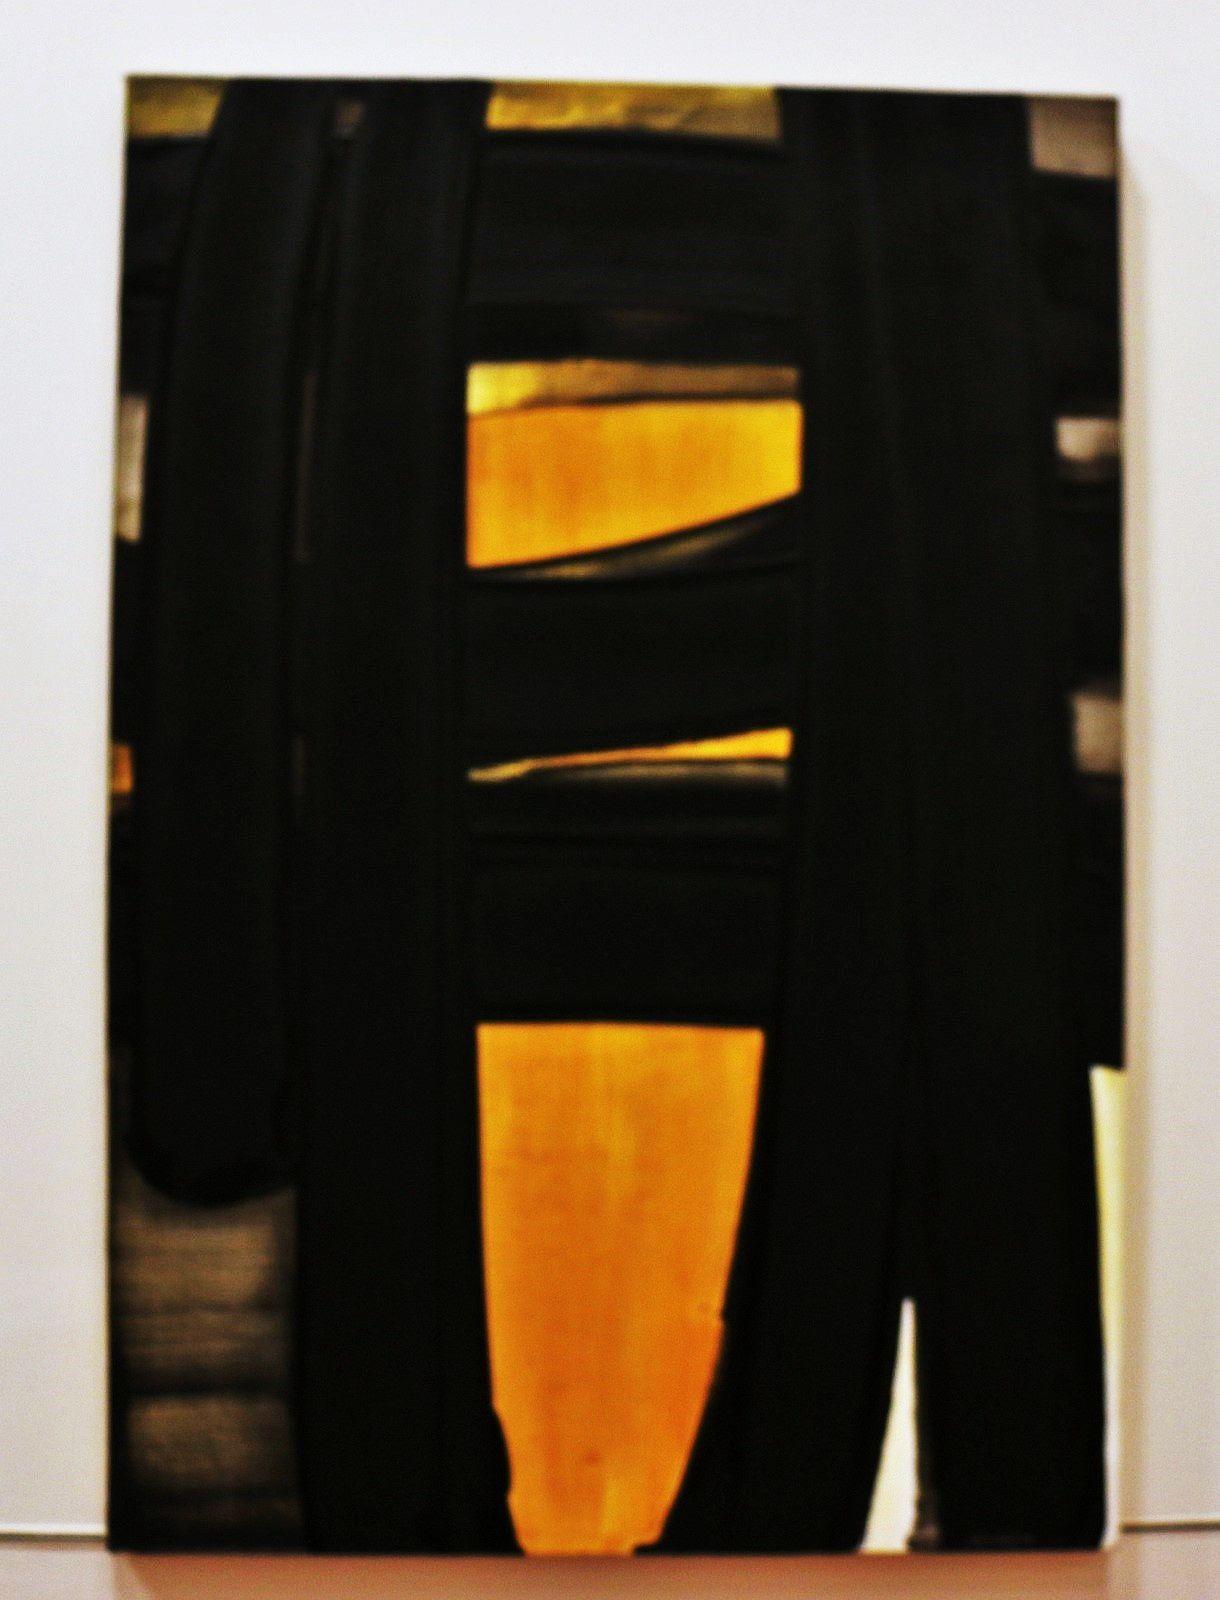 Peintures ..., huiles sur toile de Pierre Soulages